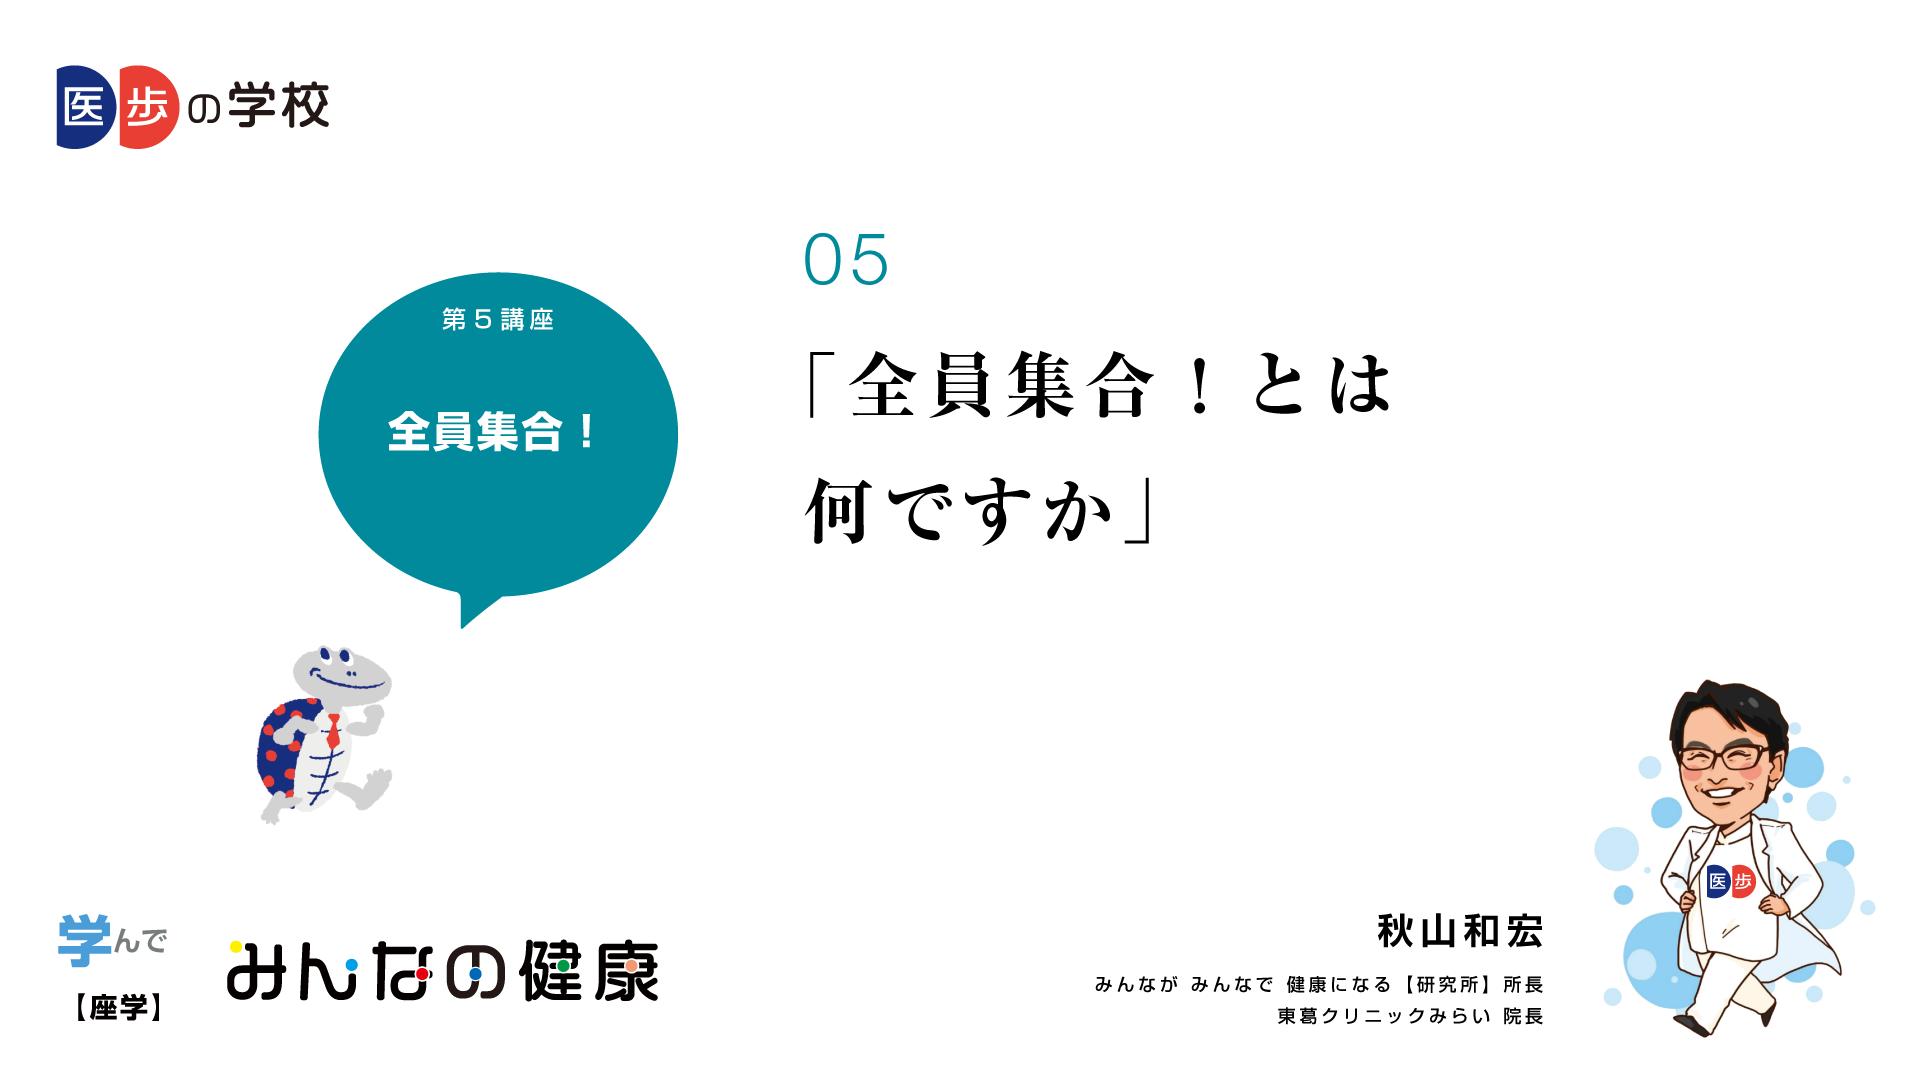 【全員集合!】05:全員集合!とは何ですか